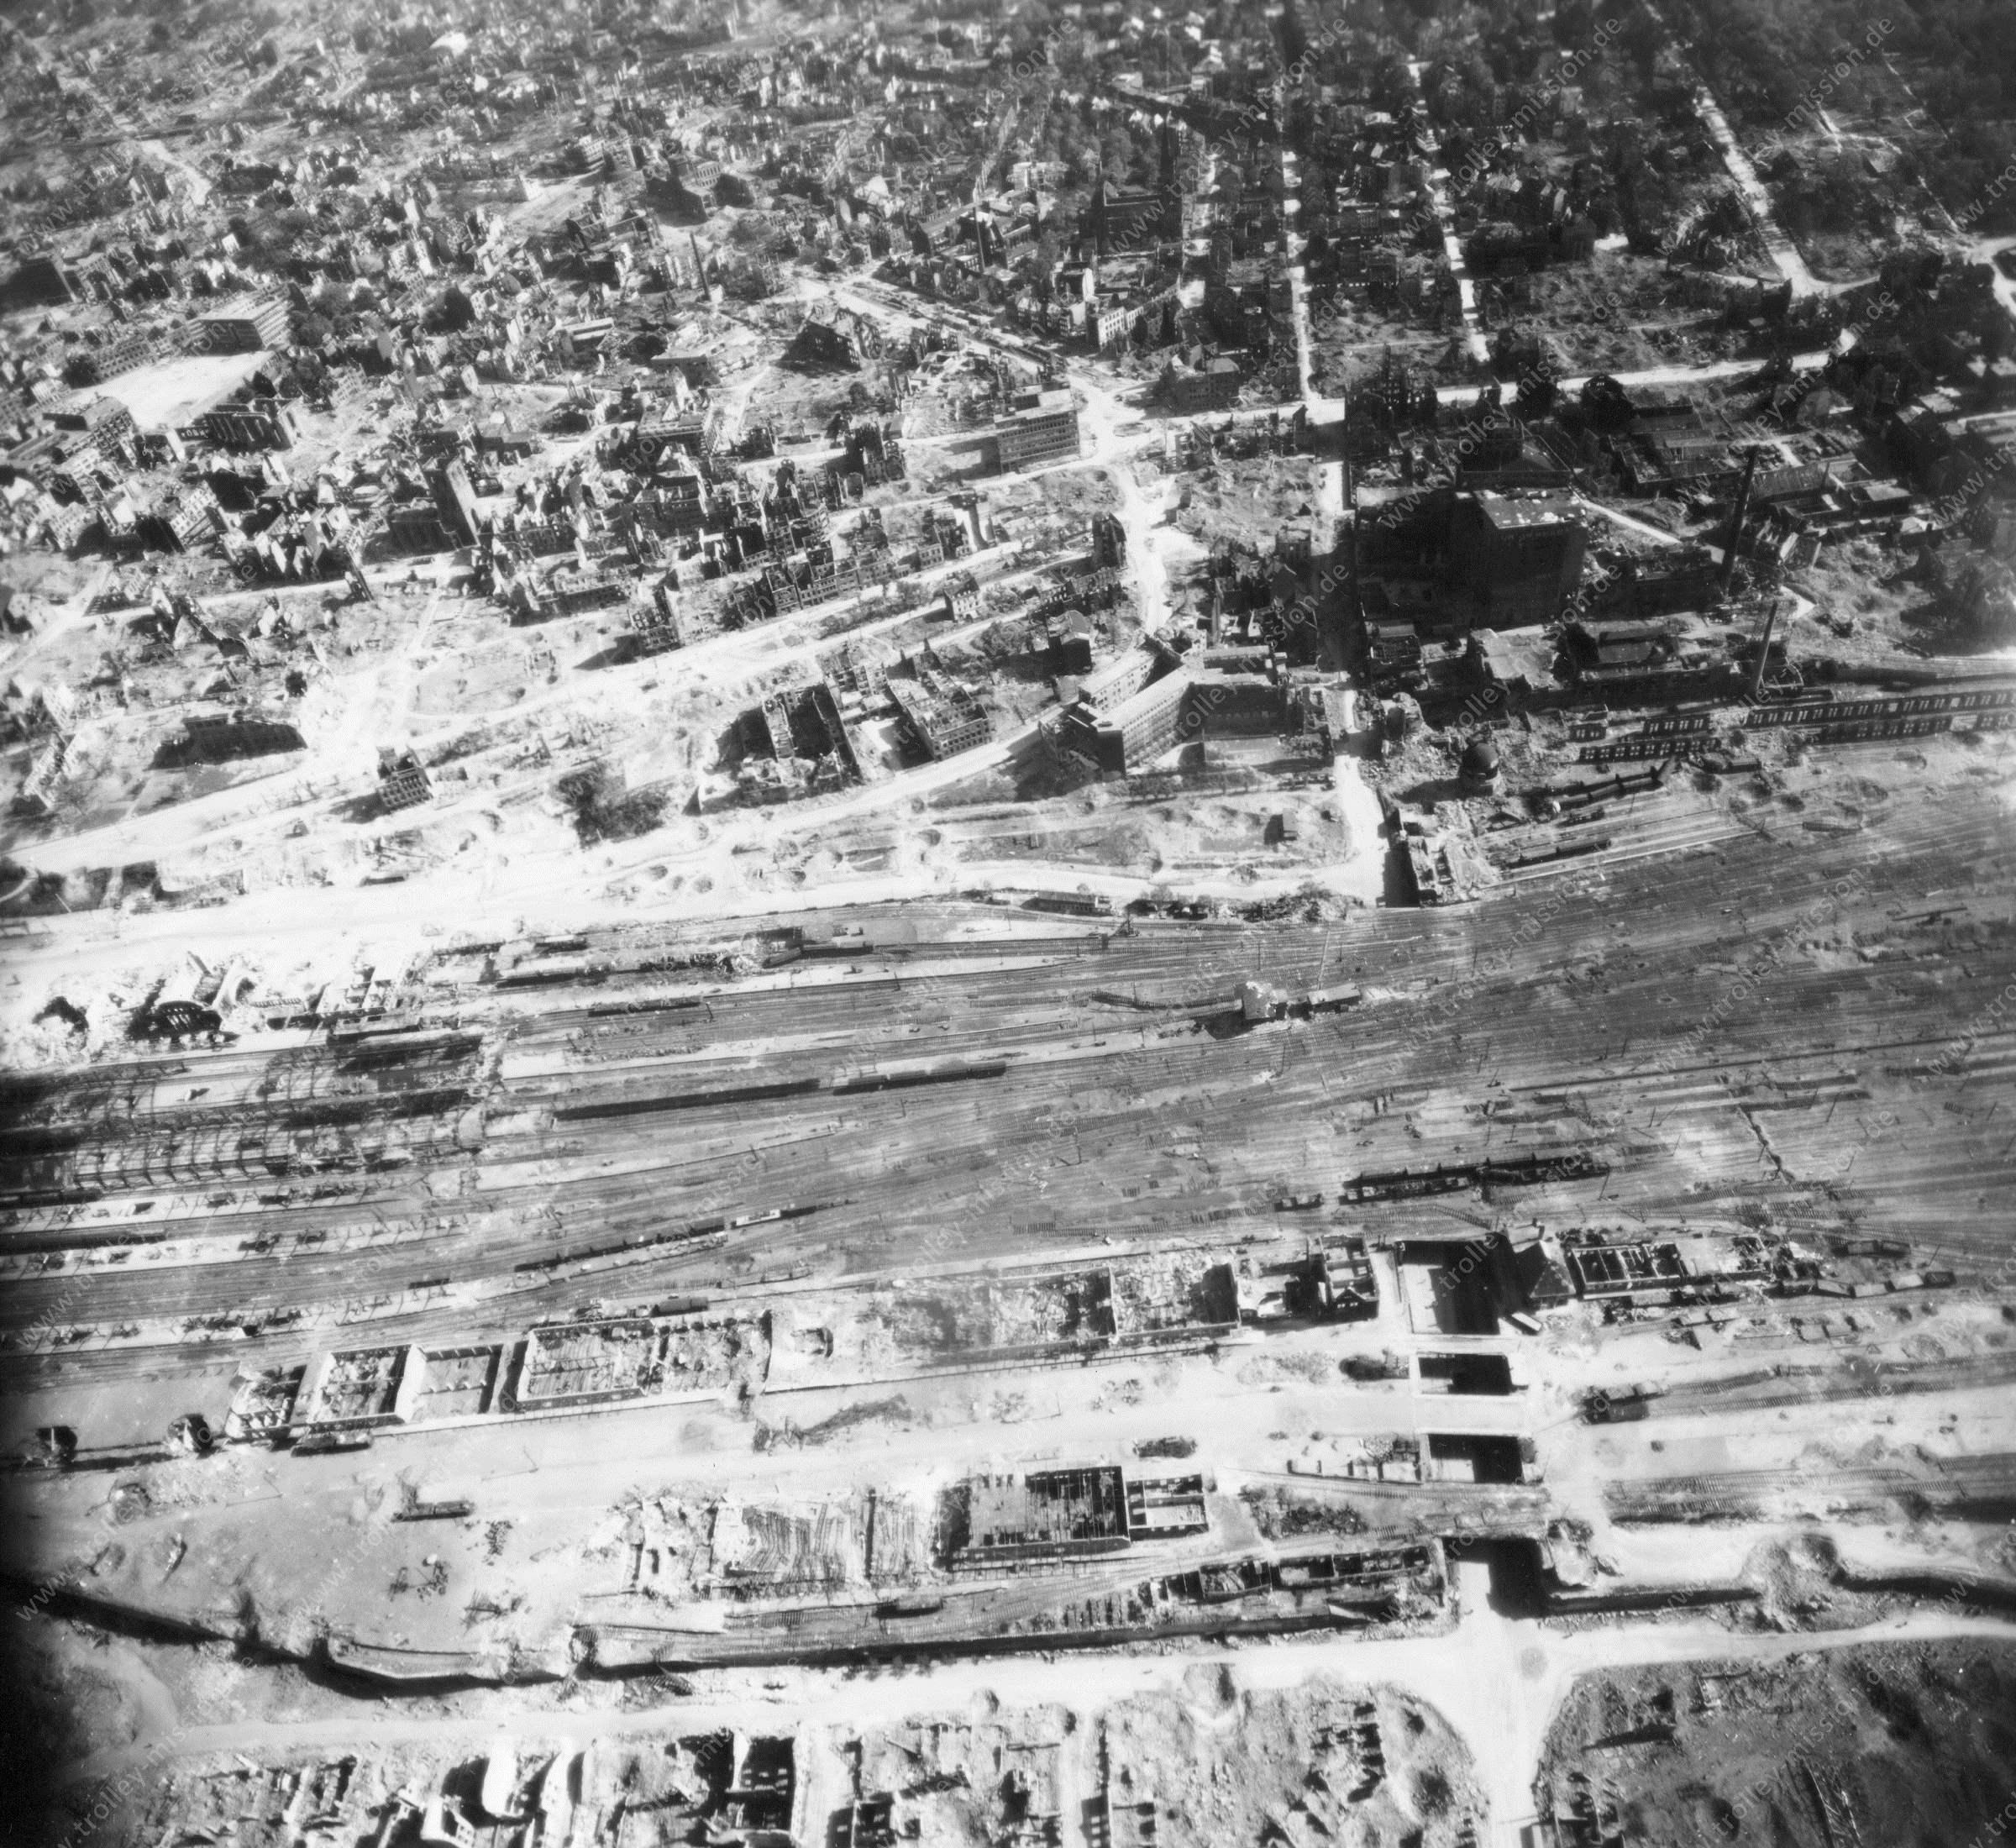 Luftbild von Dortmund am 12. Mai 1945 - Luftbildserie 2/4 der US Air Force